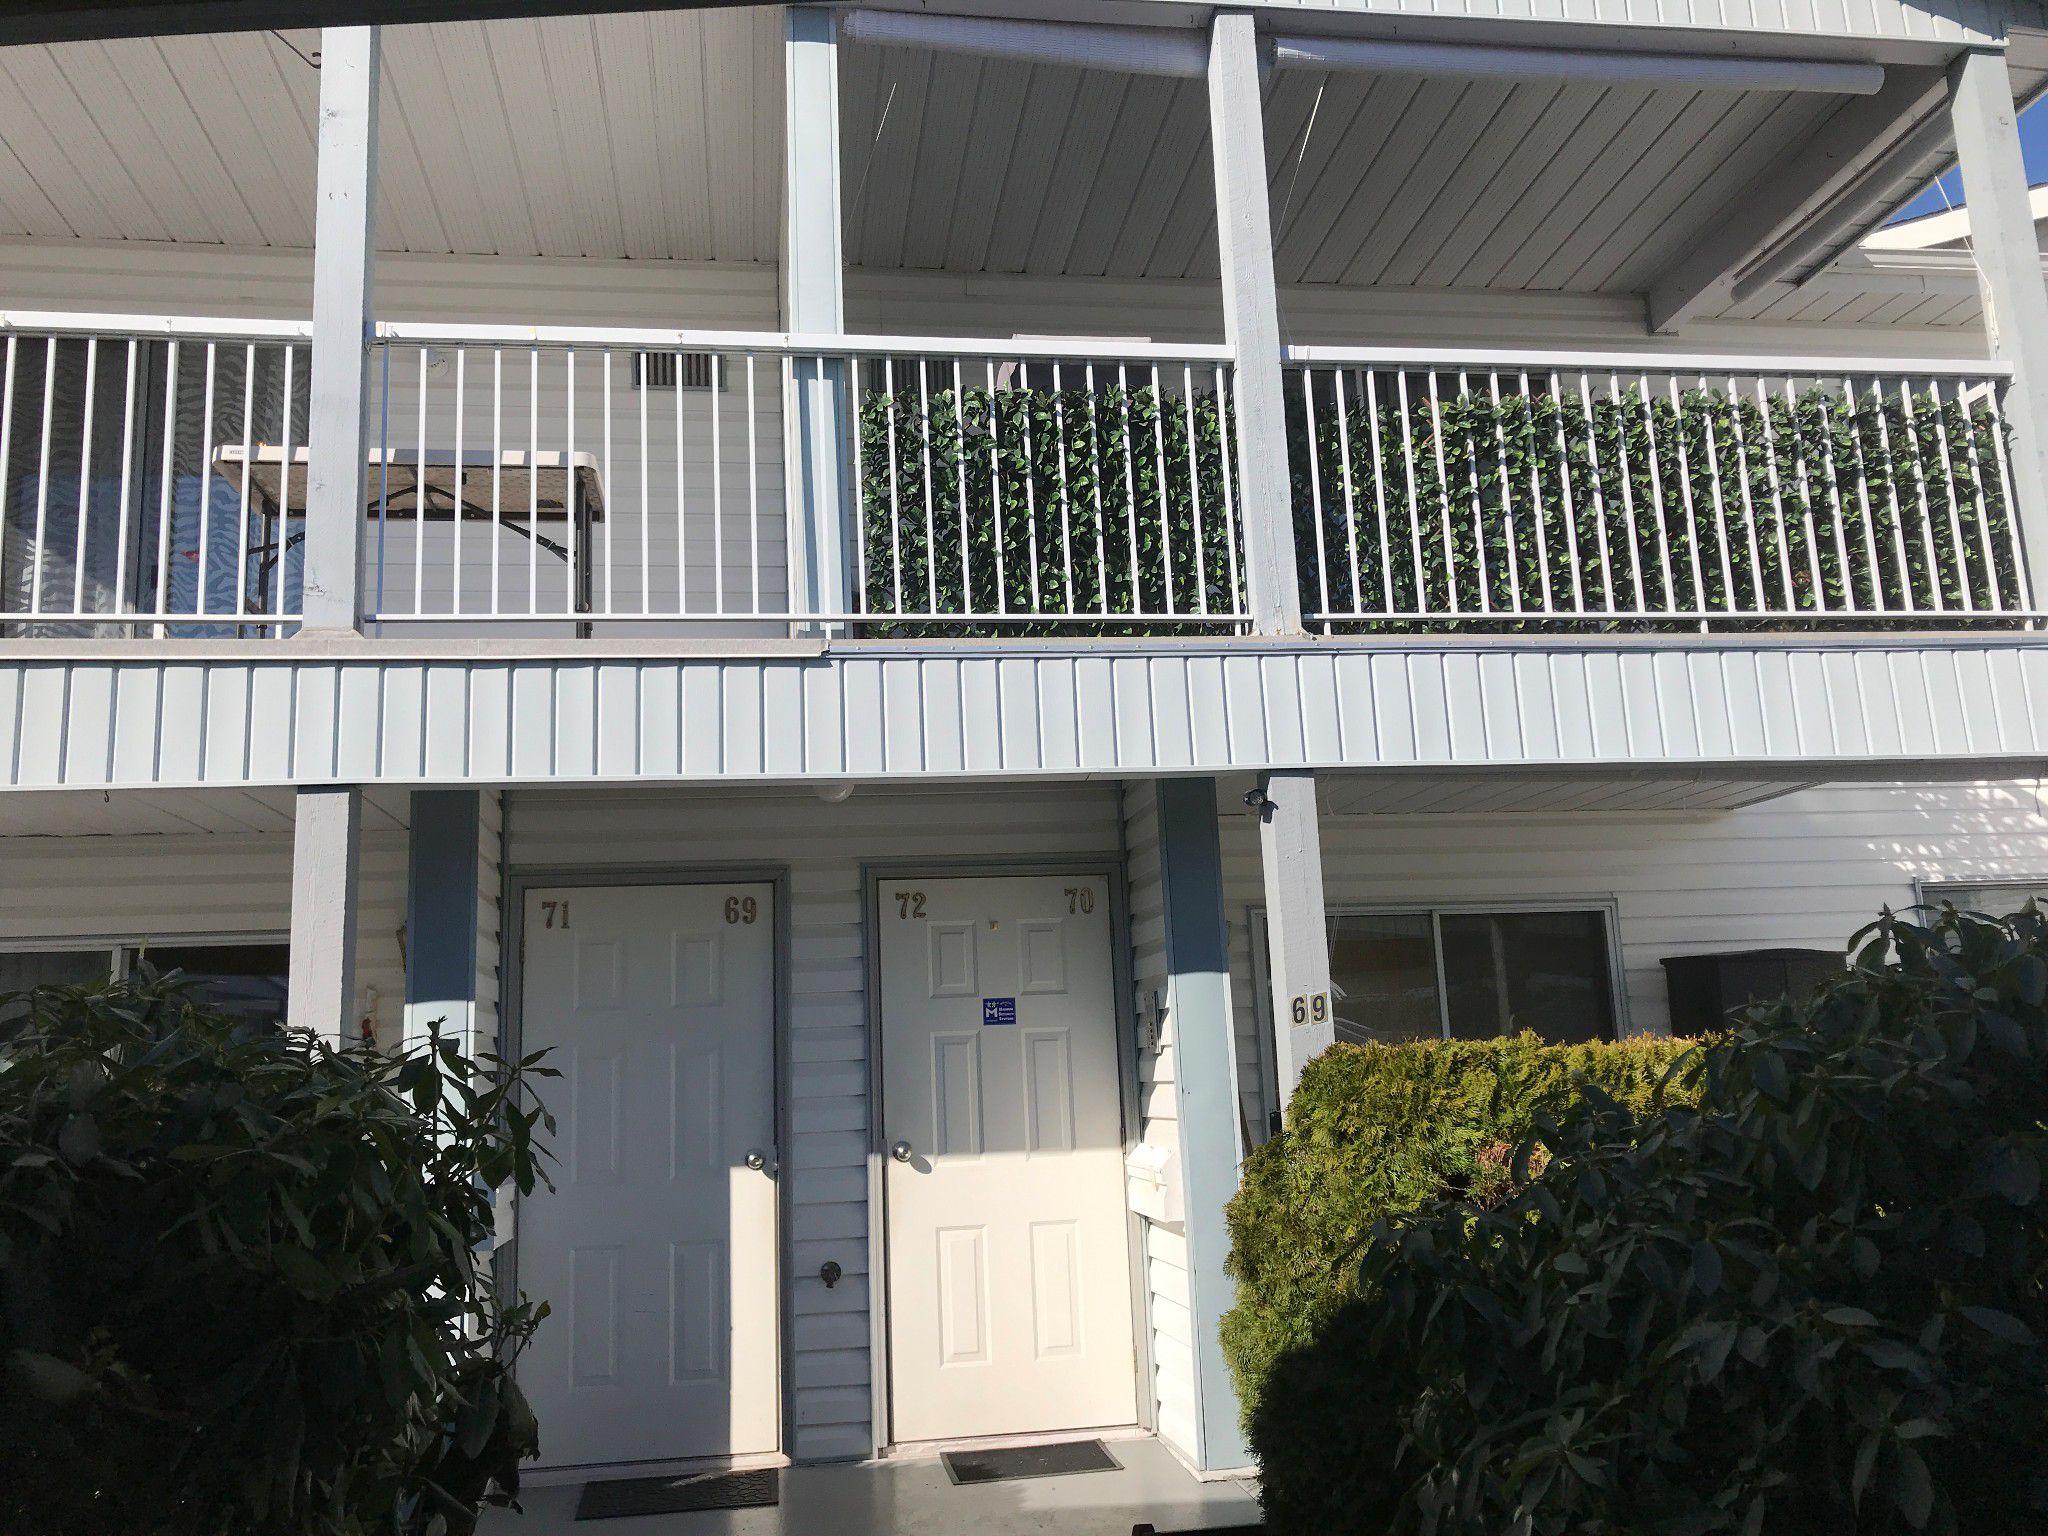 Main Photo: #72 32691 Garibaldi Dr. in Abbotsford: Central Abbotsford Condo for rent